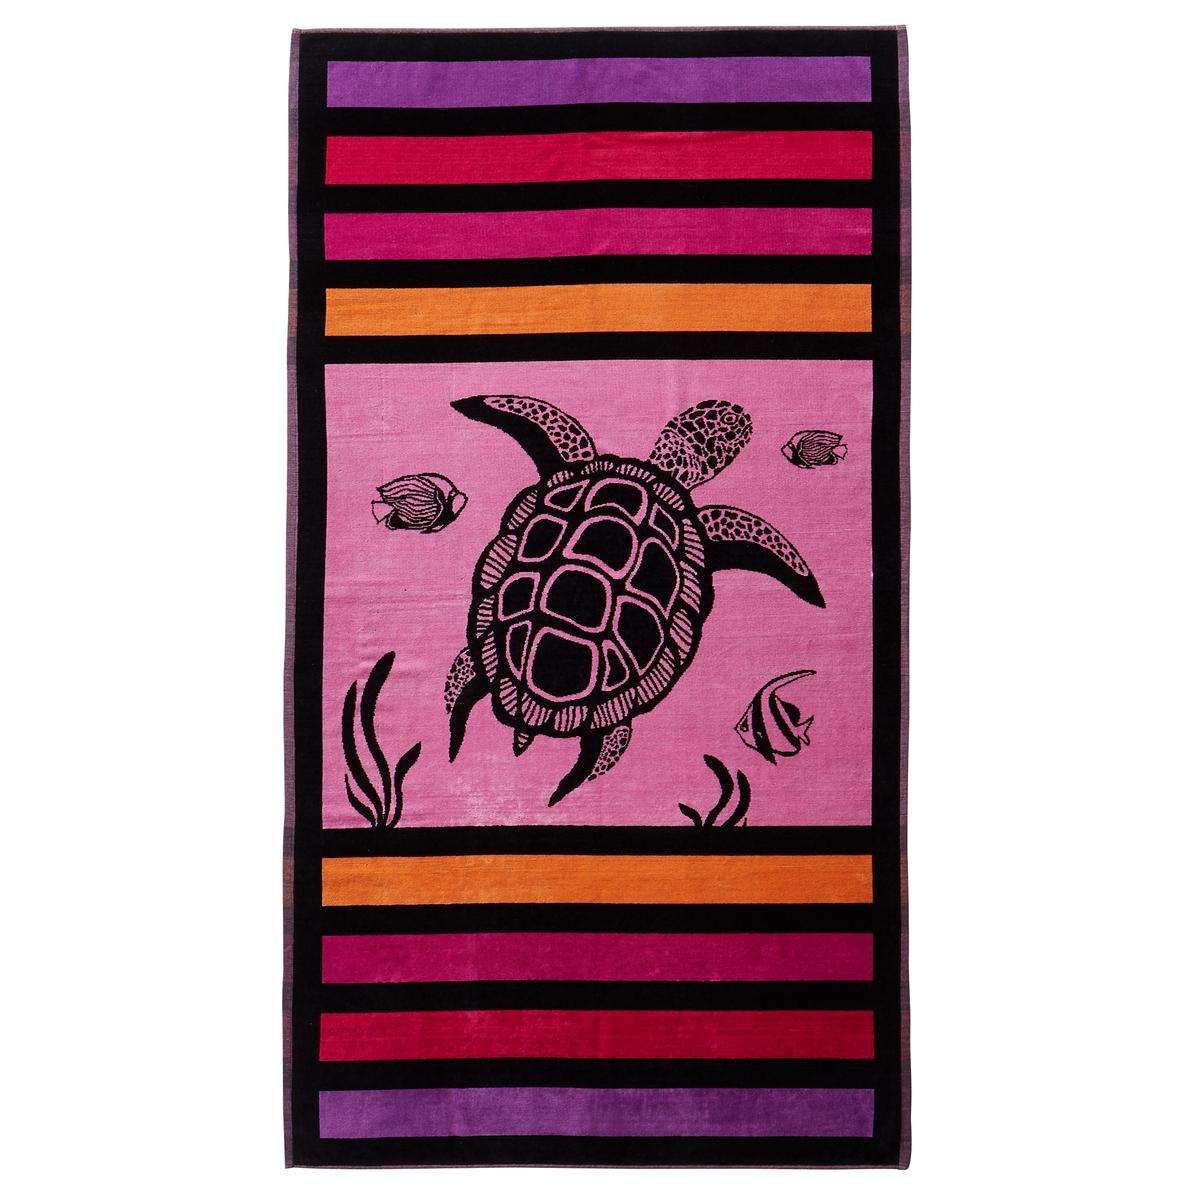 Полотенце пляжное SandyПолотенце пляжное из велюра с жаккардовым рисункомХарактеристики пляжного полотенца Sandy :Махровая ткань из велюра с жаккардовым рисунком, 100% хлопок.440 г/м?.Машинная стирка при 60 °С.Размеры пляжного полотенца Sandy :95 x 175 см<br><br>Цвет: розовый<br>Размер: единый размер